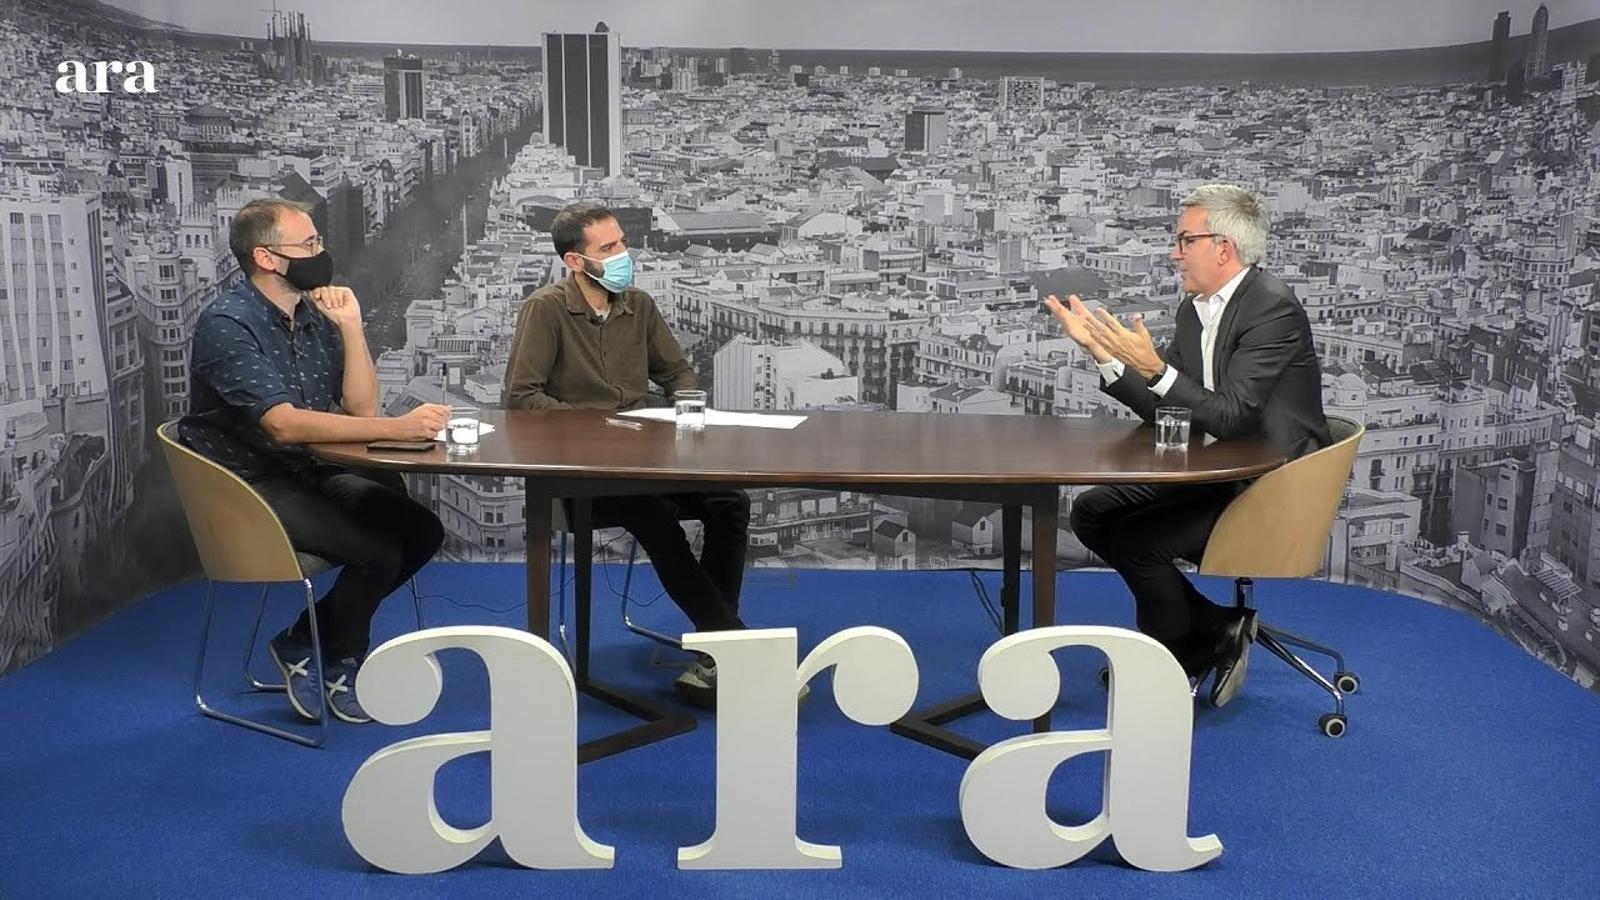 Entrevista de Toni Padilla i Xavi Hernàndez a Víctor Font